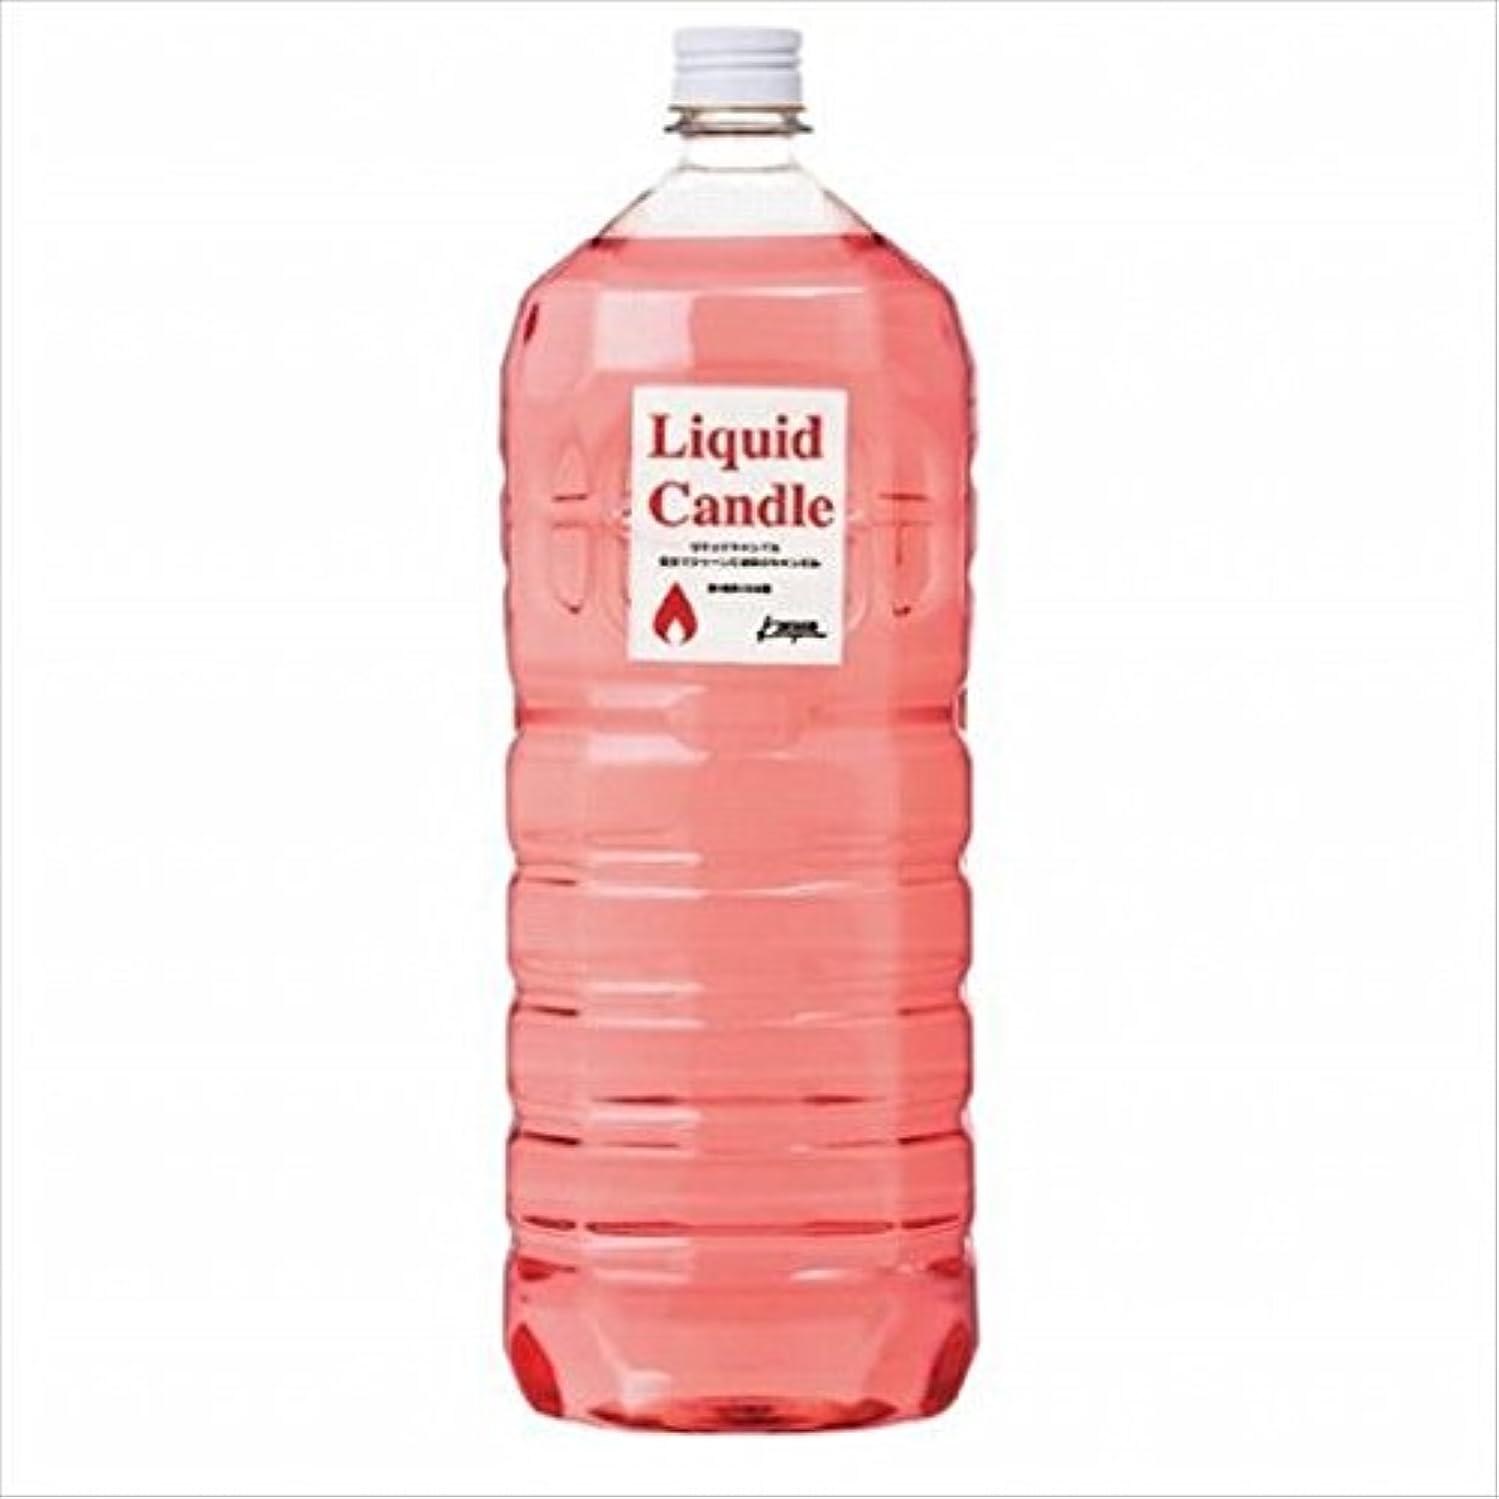 タイムリーなとして限界kameyama candle(カメヤマキャンドル) リキッドキャンドル2リットル 「 ピンク 」(77310000P)